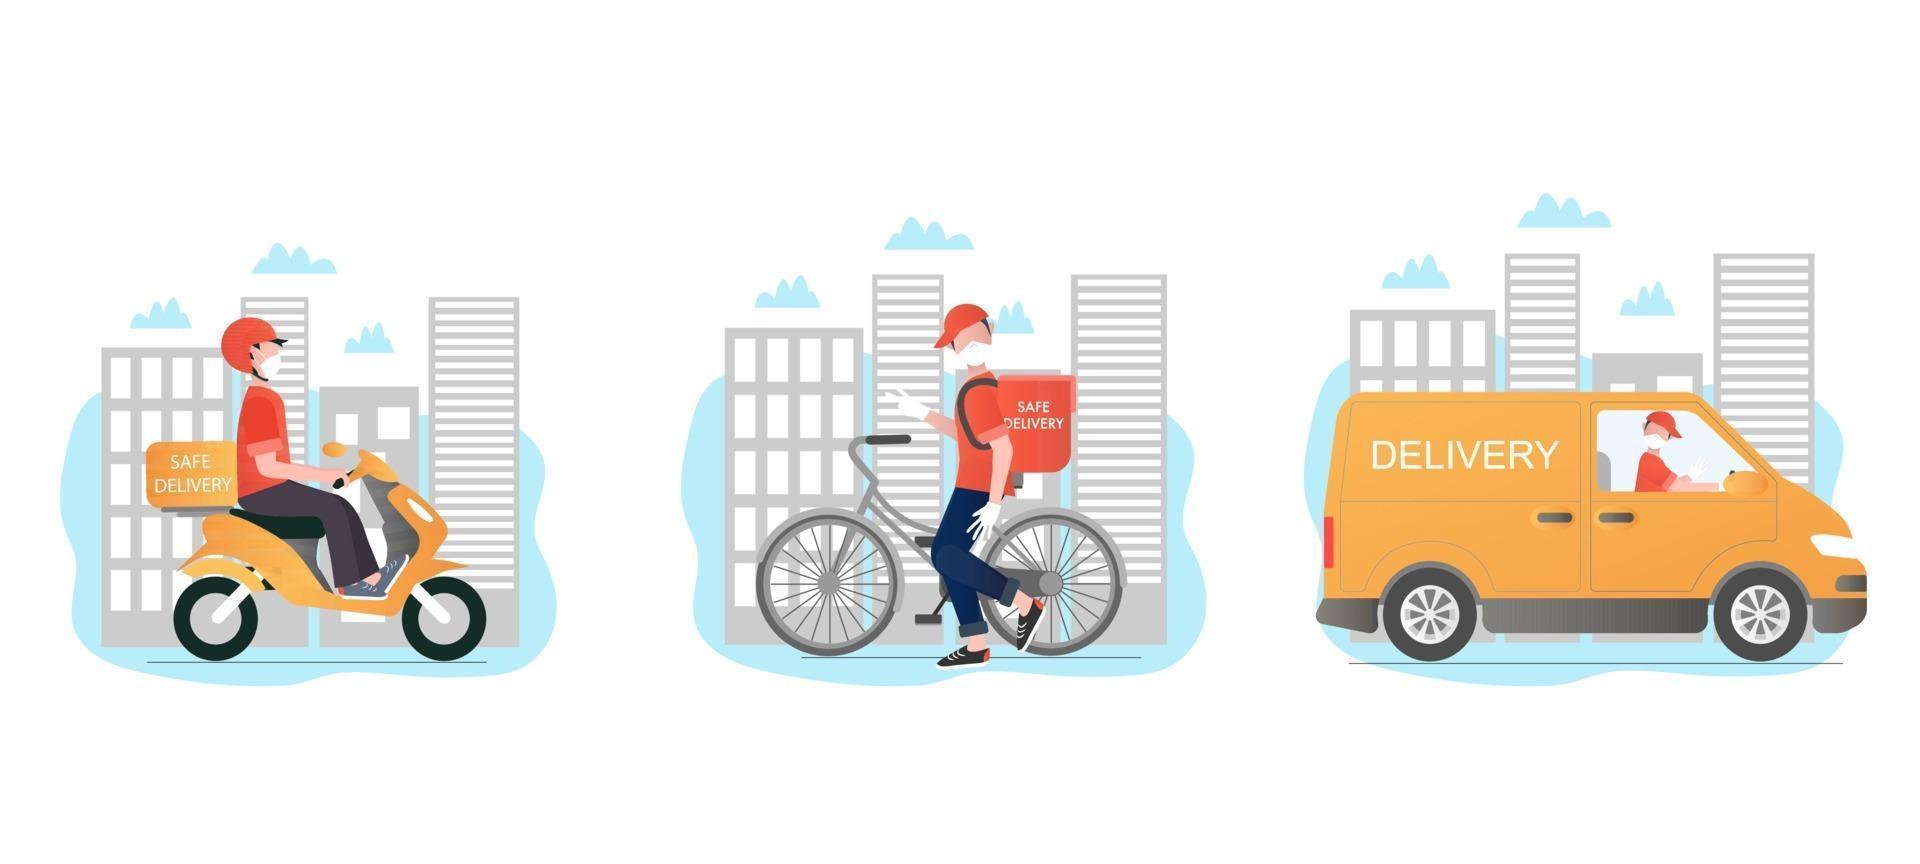 veilige levering vector set. veilige levering met verschillende soorten transport. bezorgers met maskers en handschoenen. Veilige, contactloze bezorging van eten aan huis en op kantoor.